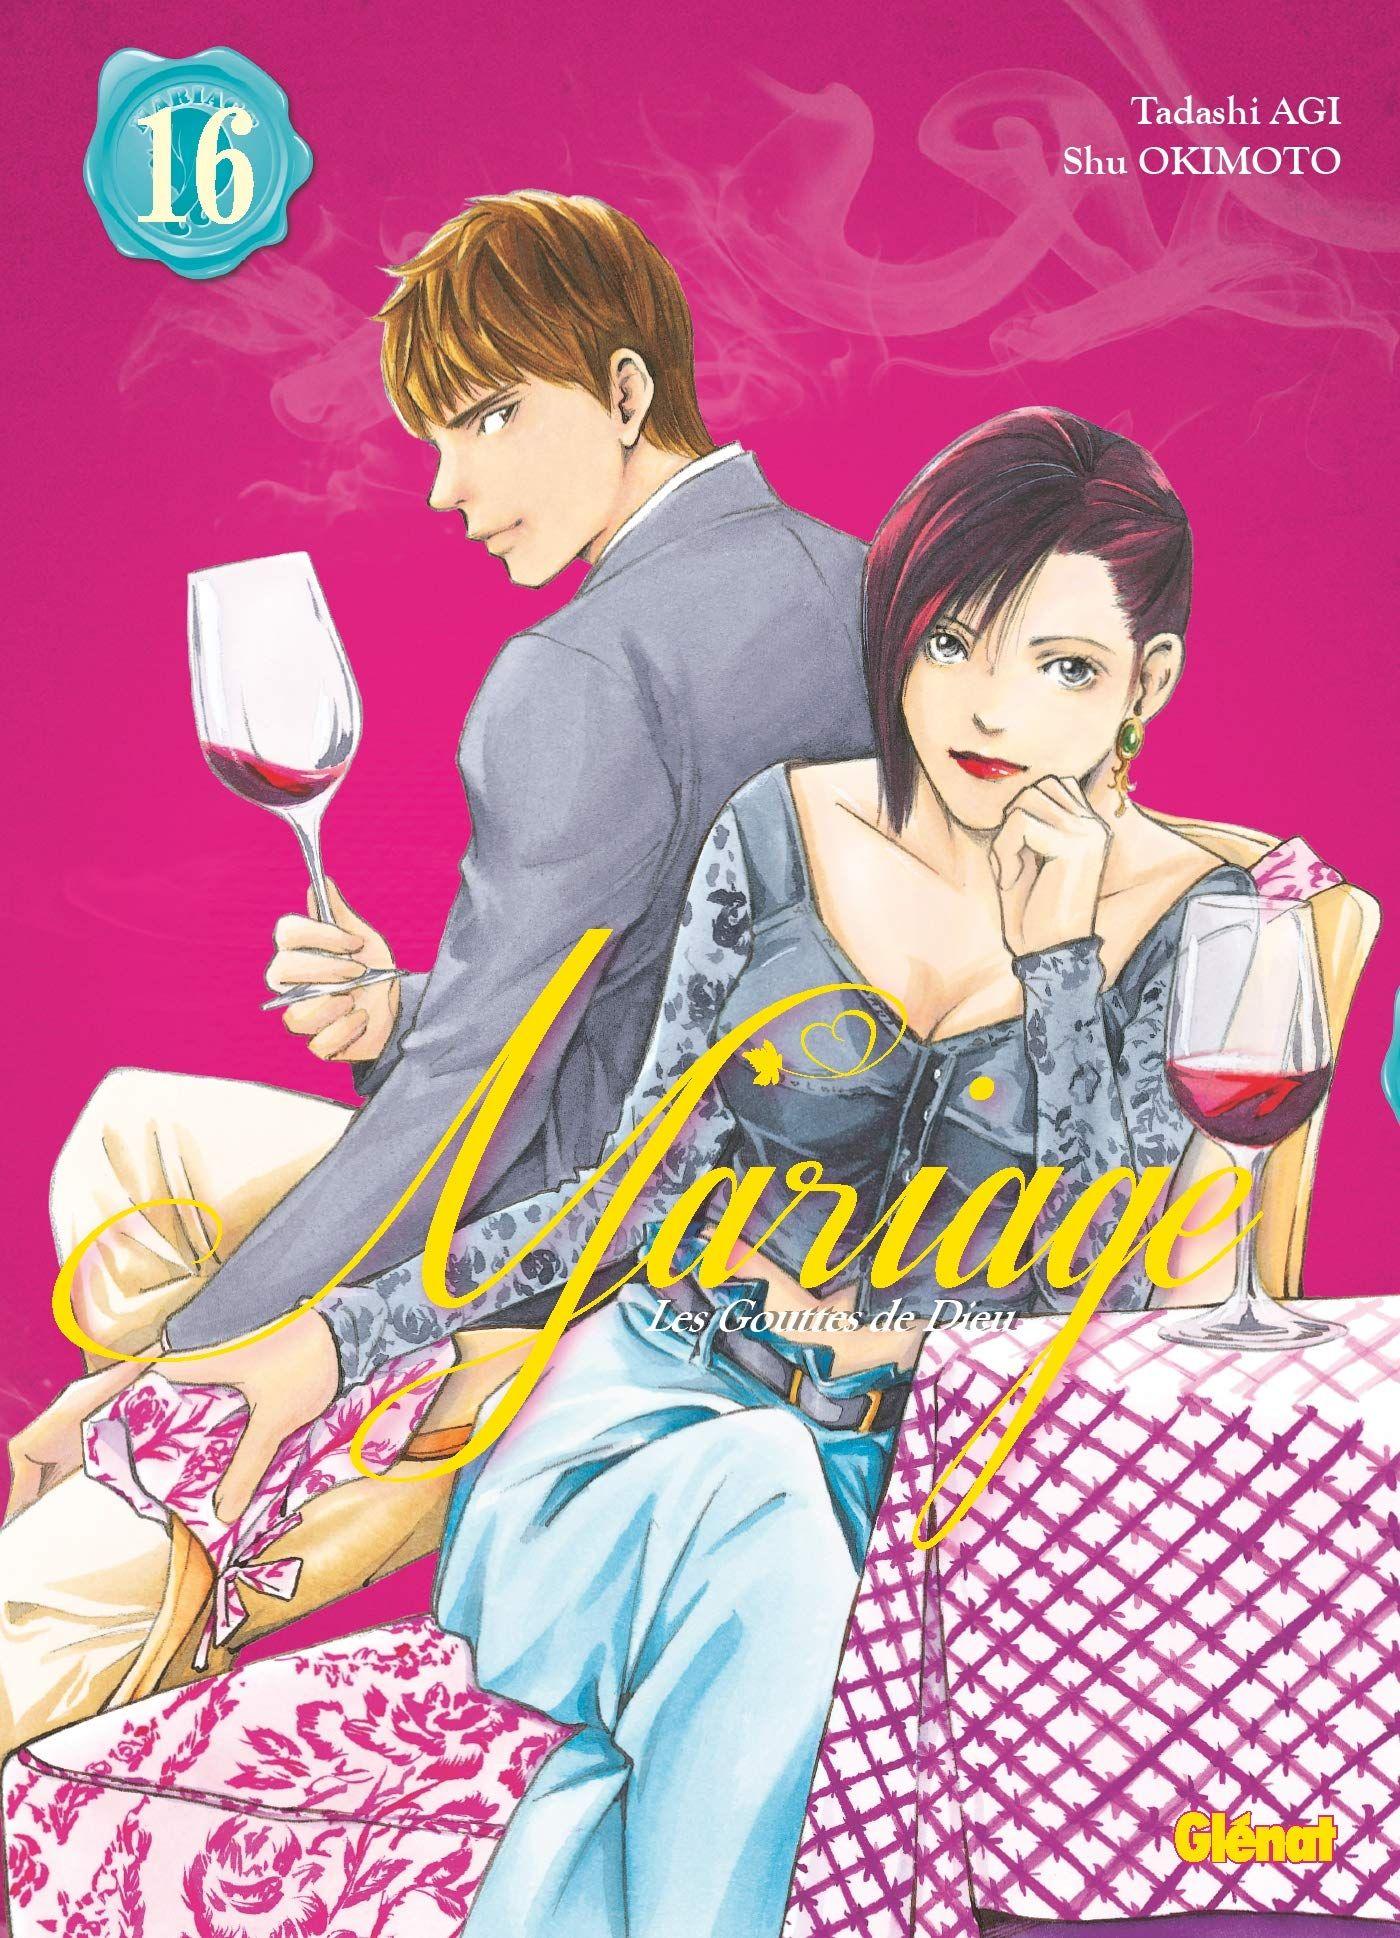 Sortie Manga au Québec JUIN 2021 Gouttes-de-dieu-mariage-16-glenat